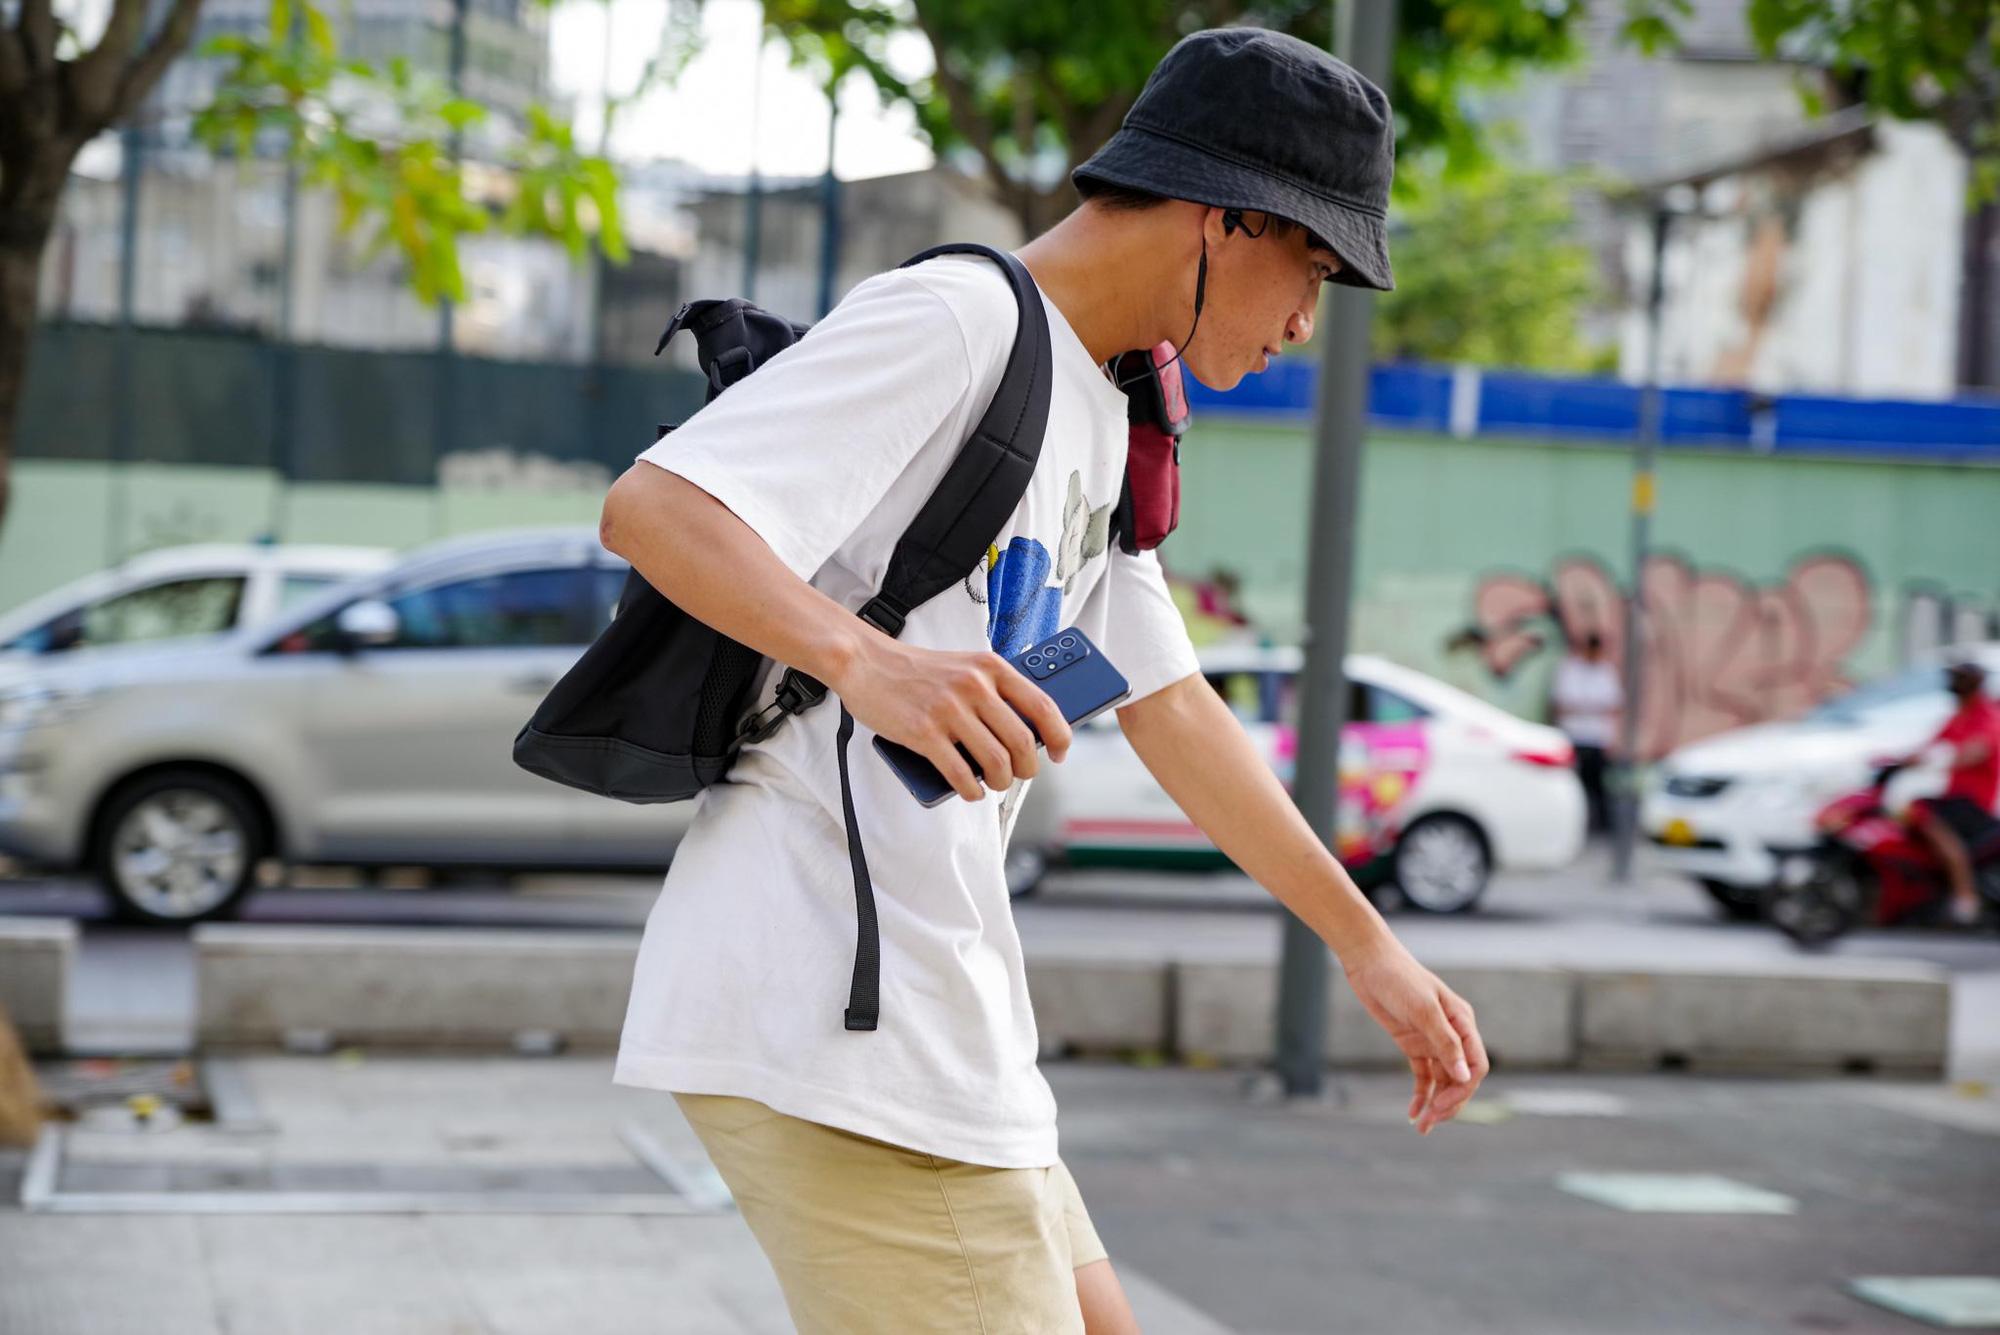 Là người thích bay nhảy, tôi đã tìm thấy smartphone chân ái dành cho mình như thế nào? - Ảnh 2.